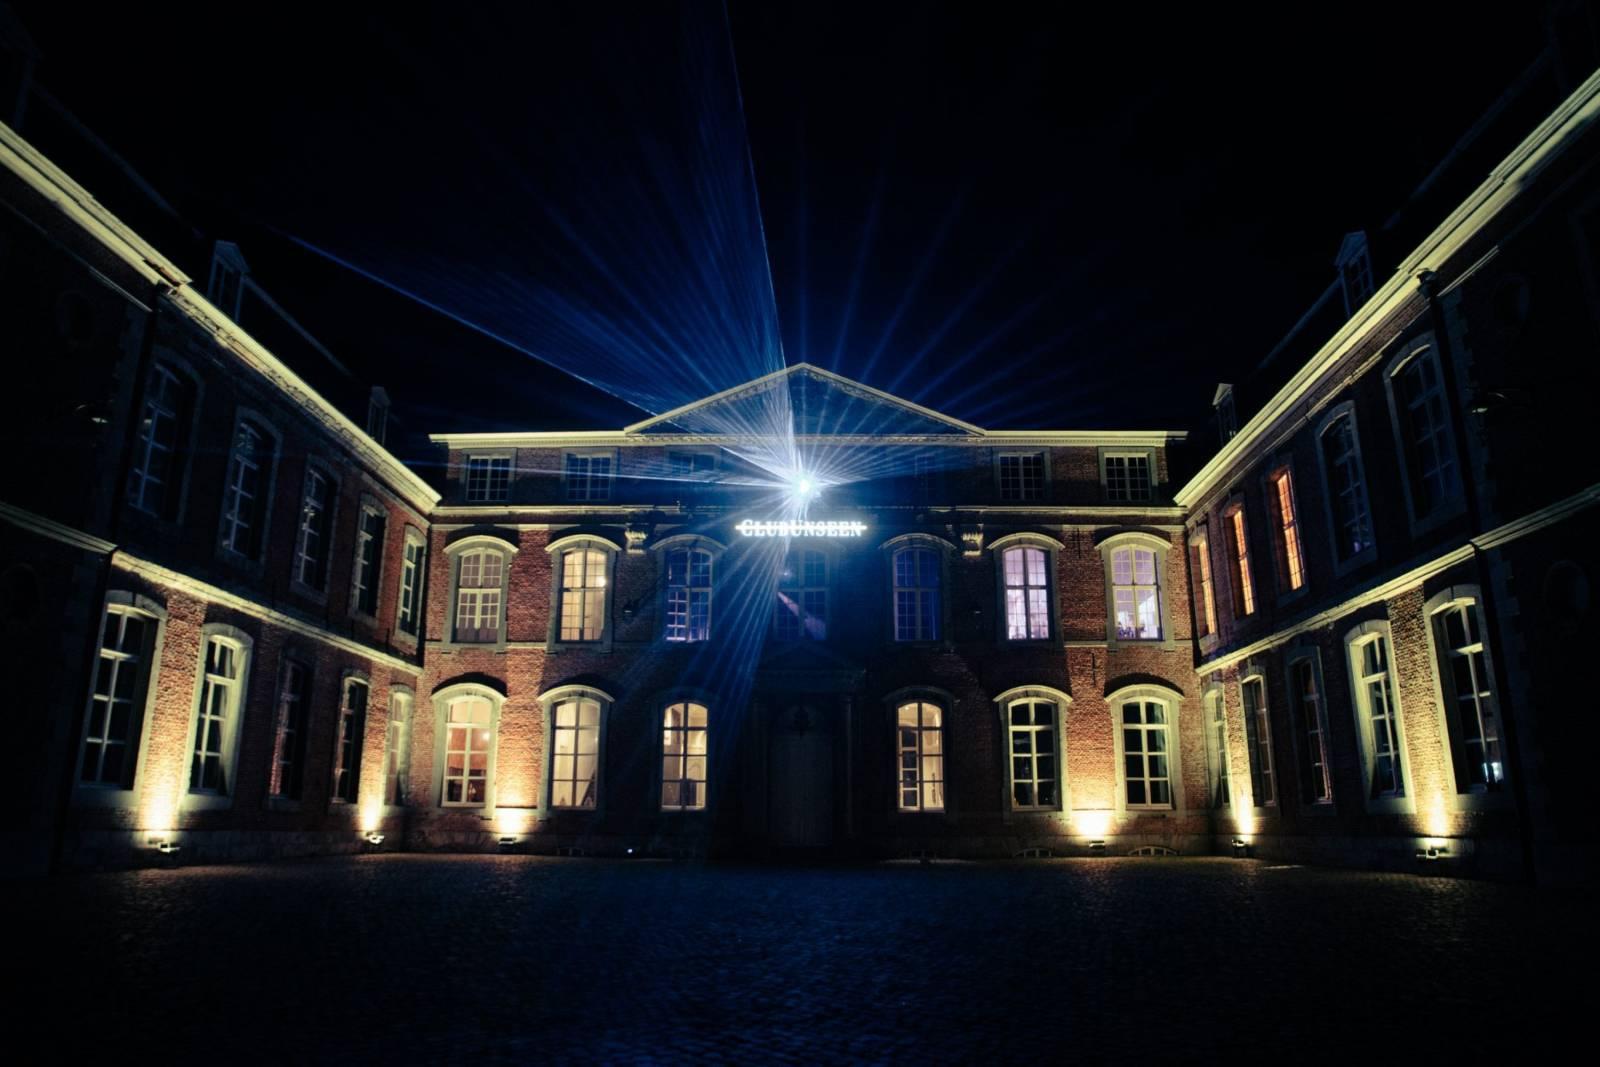 Kasteel van Ingelmunster - Feestzaal - Fotograaf Kelly Fober - House of Weddings (3)